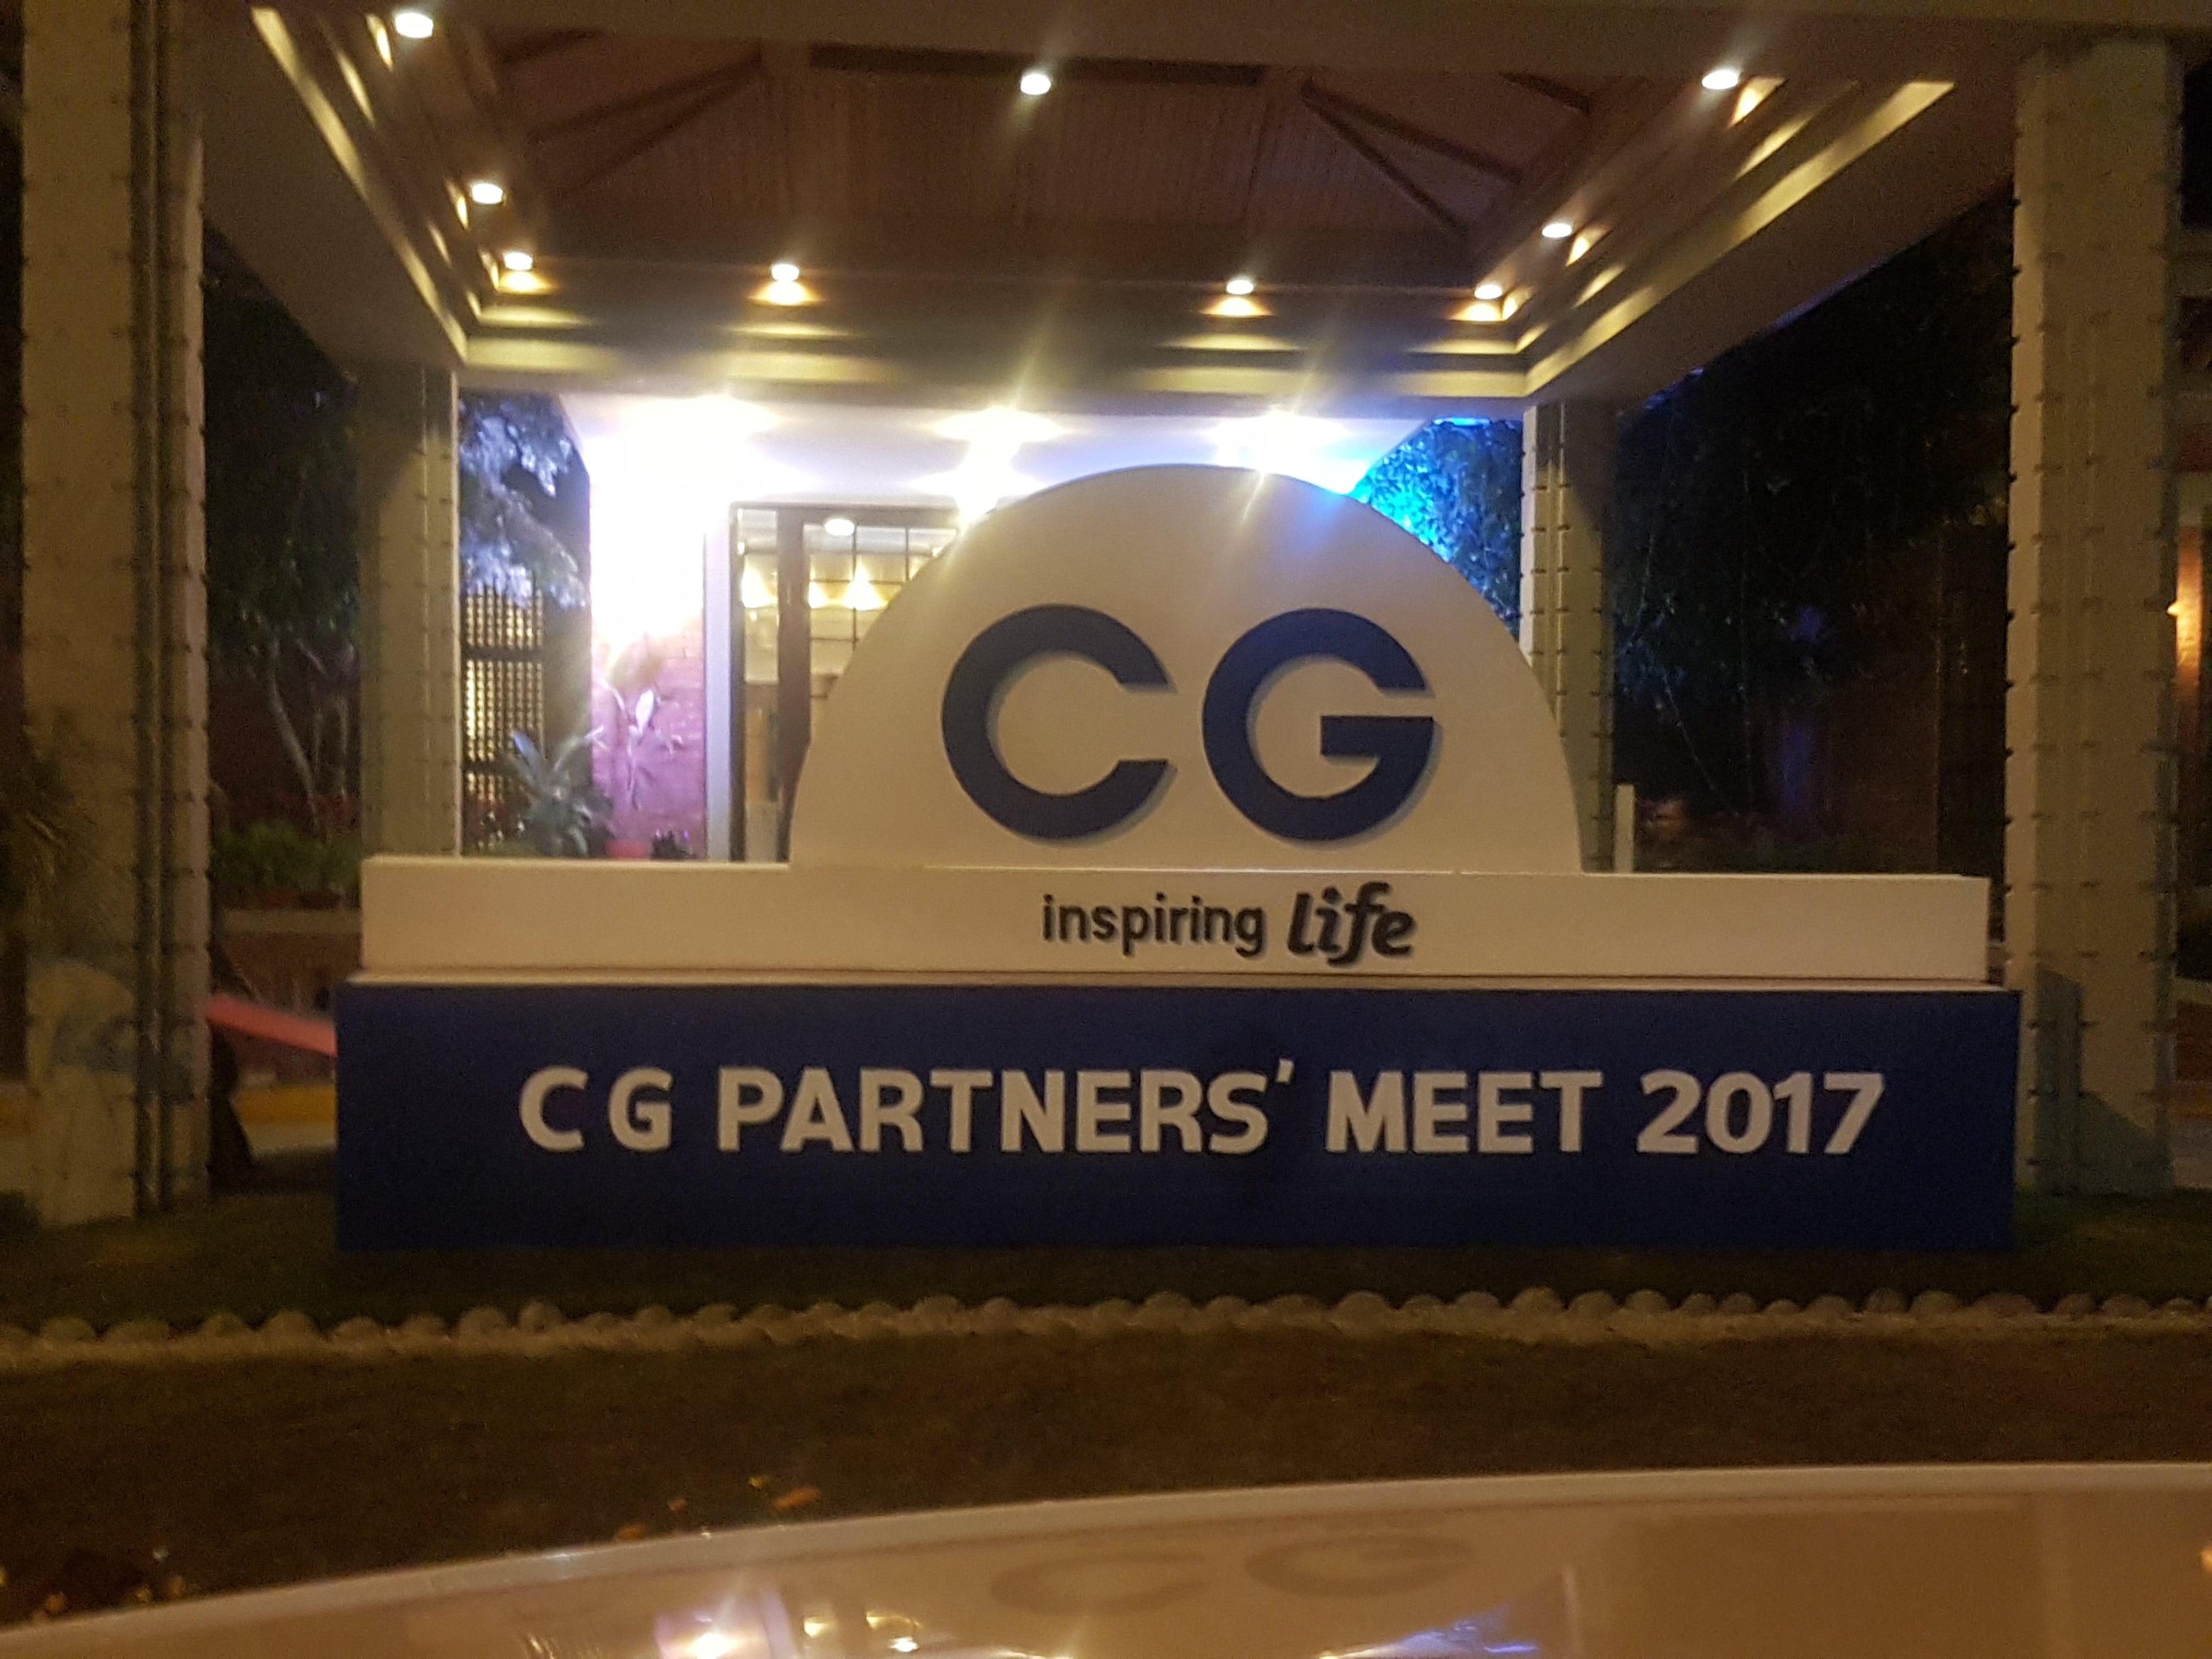 cg partner meet